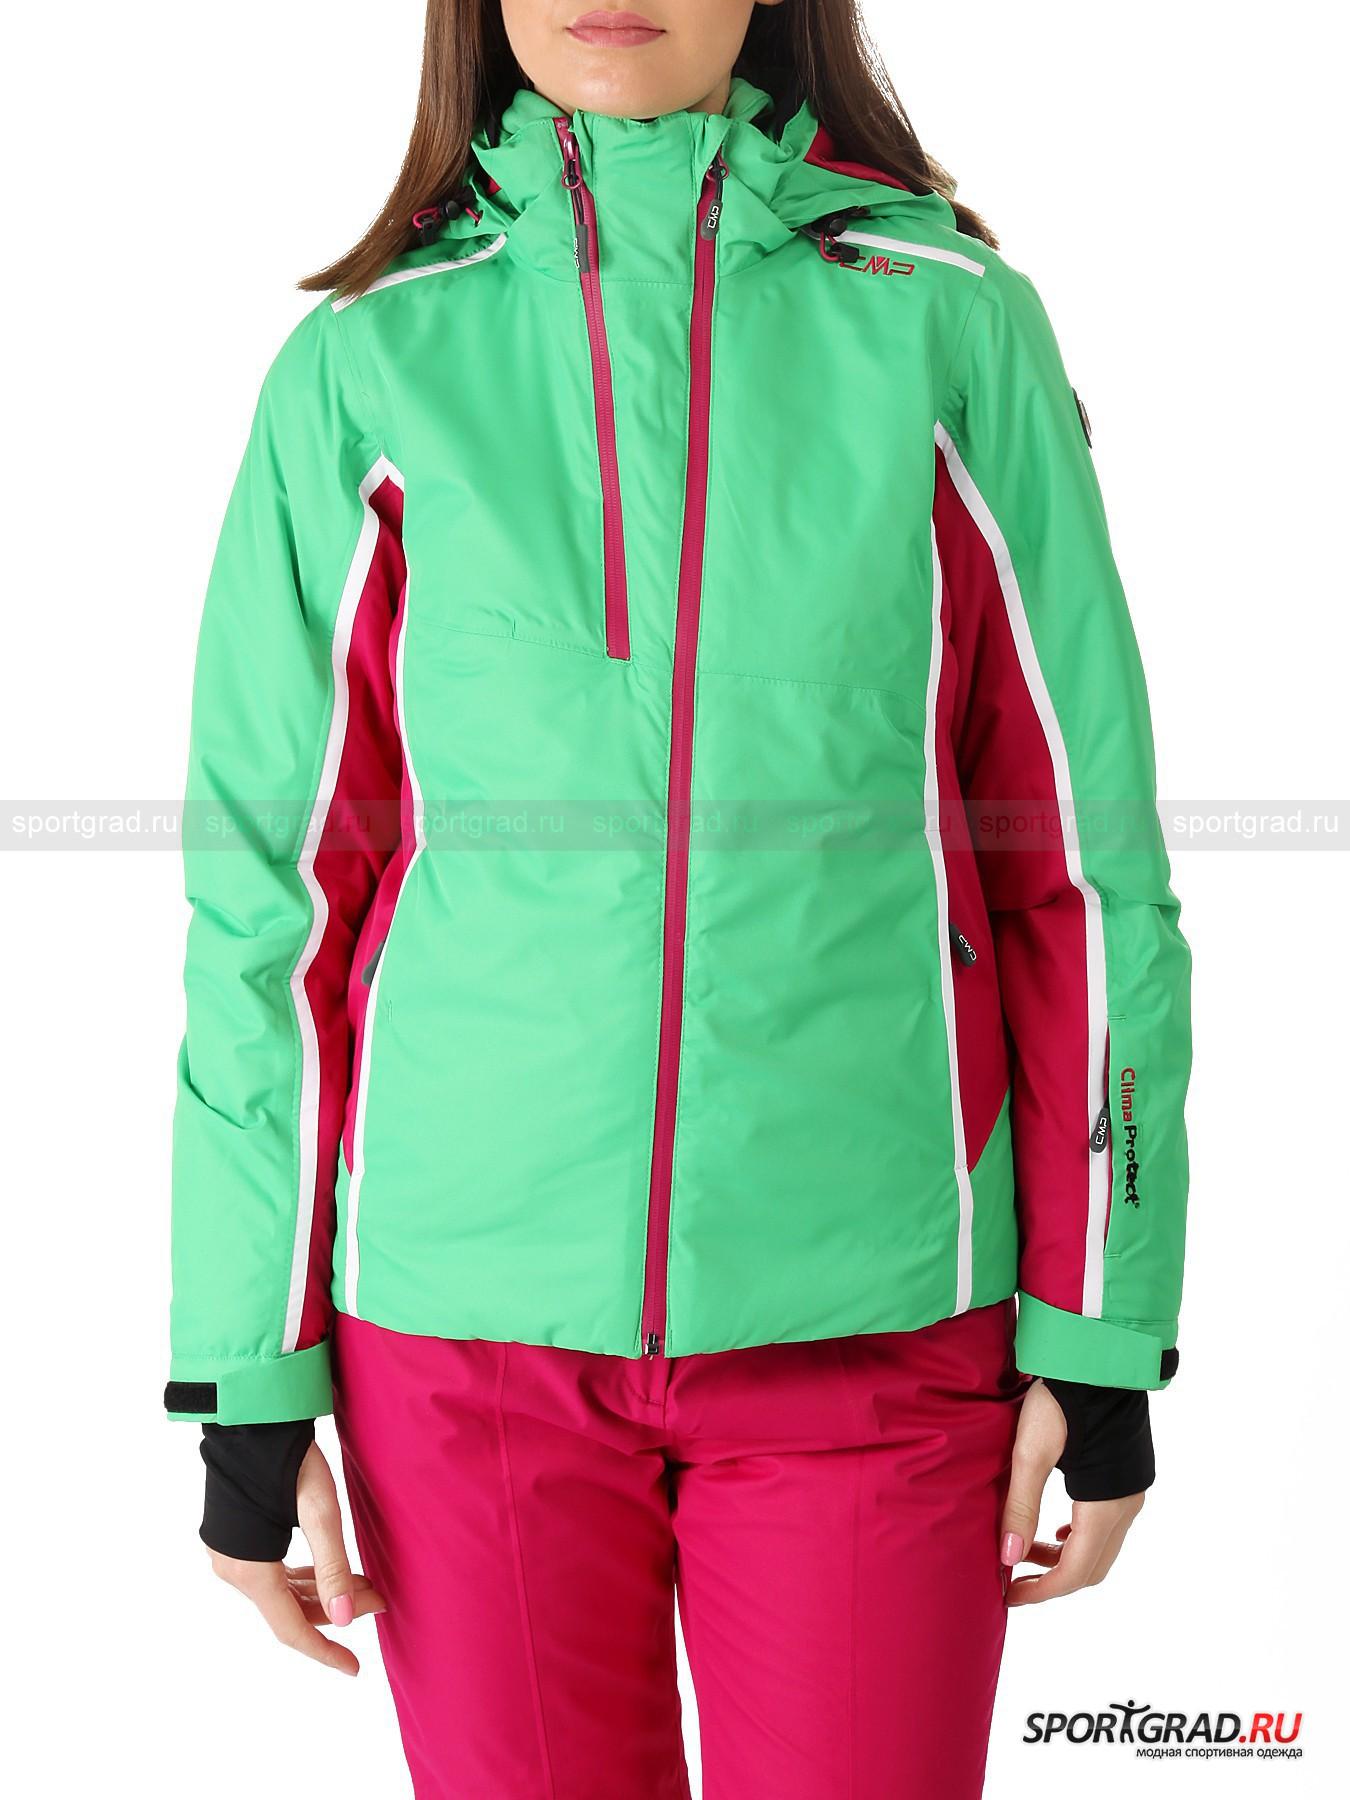 Куртка женская горнолыжная CAMPAGNOLOКуртки<br>Женская горнолыжная куртка CAMPAGNOLO, невесомо ложащаяся на плечи - для тех, кто и зимой хочет выглядеть так же ярко и ощущать себя столь же мобильным, что и летом! Уникальная система CLIMA PROTECT®, использованная при создании изделия, не позволит снегопаду или ледяному ветру испортить Вам катание, потому как материал поверхности, обладающий способностью транспортировать наружу сырой жар, не пропускает вовнутрь молекулы воды и выдерживает шквалистые порывы. <br><br>Модель имеет:<br>- влагоудержание 5000 мм вод. столба и дышащие характеристики 5000 г/кв. м/24 ч;<br>- съемный капюшон с «козырьком» на молнии, концы которого при помощи надежной металлической клепки пристегиваются к воротнику-стойке, отделанному по краю эластичной тесьмой;<br>- длинные втачные рукава, снизу дополненные  ремешком на липучке для коррекции ширины просвета и эластичными внутренними манжетами с прорезью для большого пальца;<br>- заламинированную центральную застежку с эргономичным бегунком и внутренней планкой, перекидной уголок которой снаружи страхует кожу подбородка от защемления + разрез на молнии правее, содержащий запас ткани для осуществления эффективной вентиляции;<br>- кокетку на плечах и фигурные рельефы на полочках и спинке, гарантирующие отличную посадку;<br>- проклеенные швы, обеспечивающие дополнительную страховку от промокания; <br>- парную кулиску по низу изделия и двойную на капюшоне; <br>- «снежную» юбку на резинке по низу, спереди застегивающуюся на кнопки и дополненную эластичной вставкой для большей свободы движений; <br>- пару прорезных карманов спереди на молнии + кармашек под карточку для ски-пасса на левом рукаве;<br>- комбинированную подкладку (сектор на спине дополнительно утеплен вставкой из того же мягкого пушистого материала, каким обшит изнутри воротник-стойка) с двумя накладными сетчатыми карманами и одним прорезным на молнии.<br>Длина рукава по внутреннему шву без учета манжет ок. 51, 5 см, длина сзади по центру